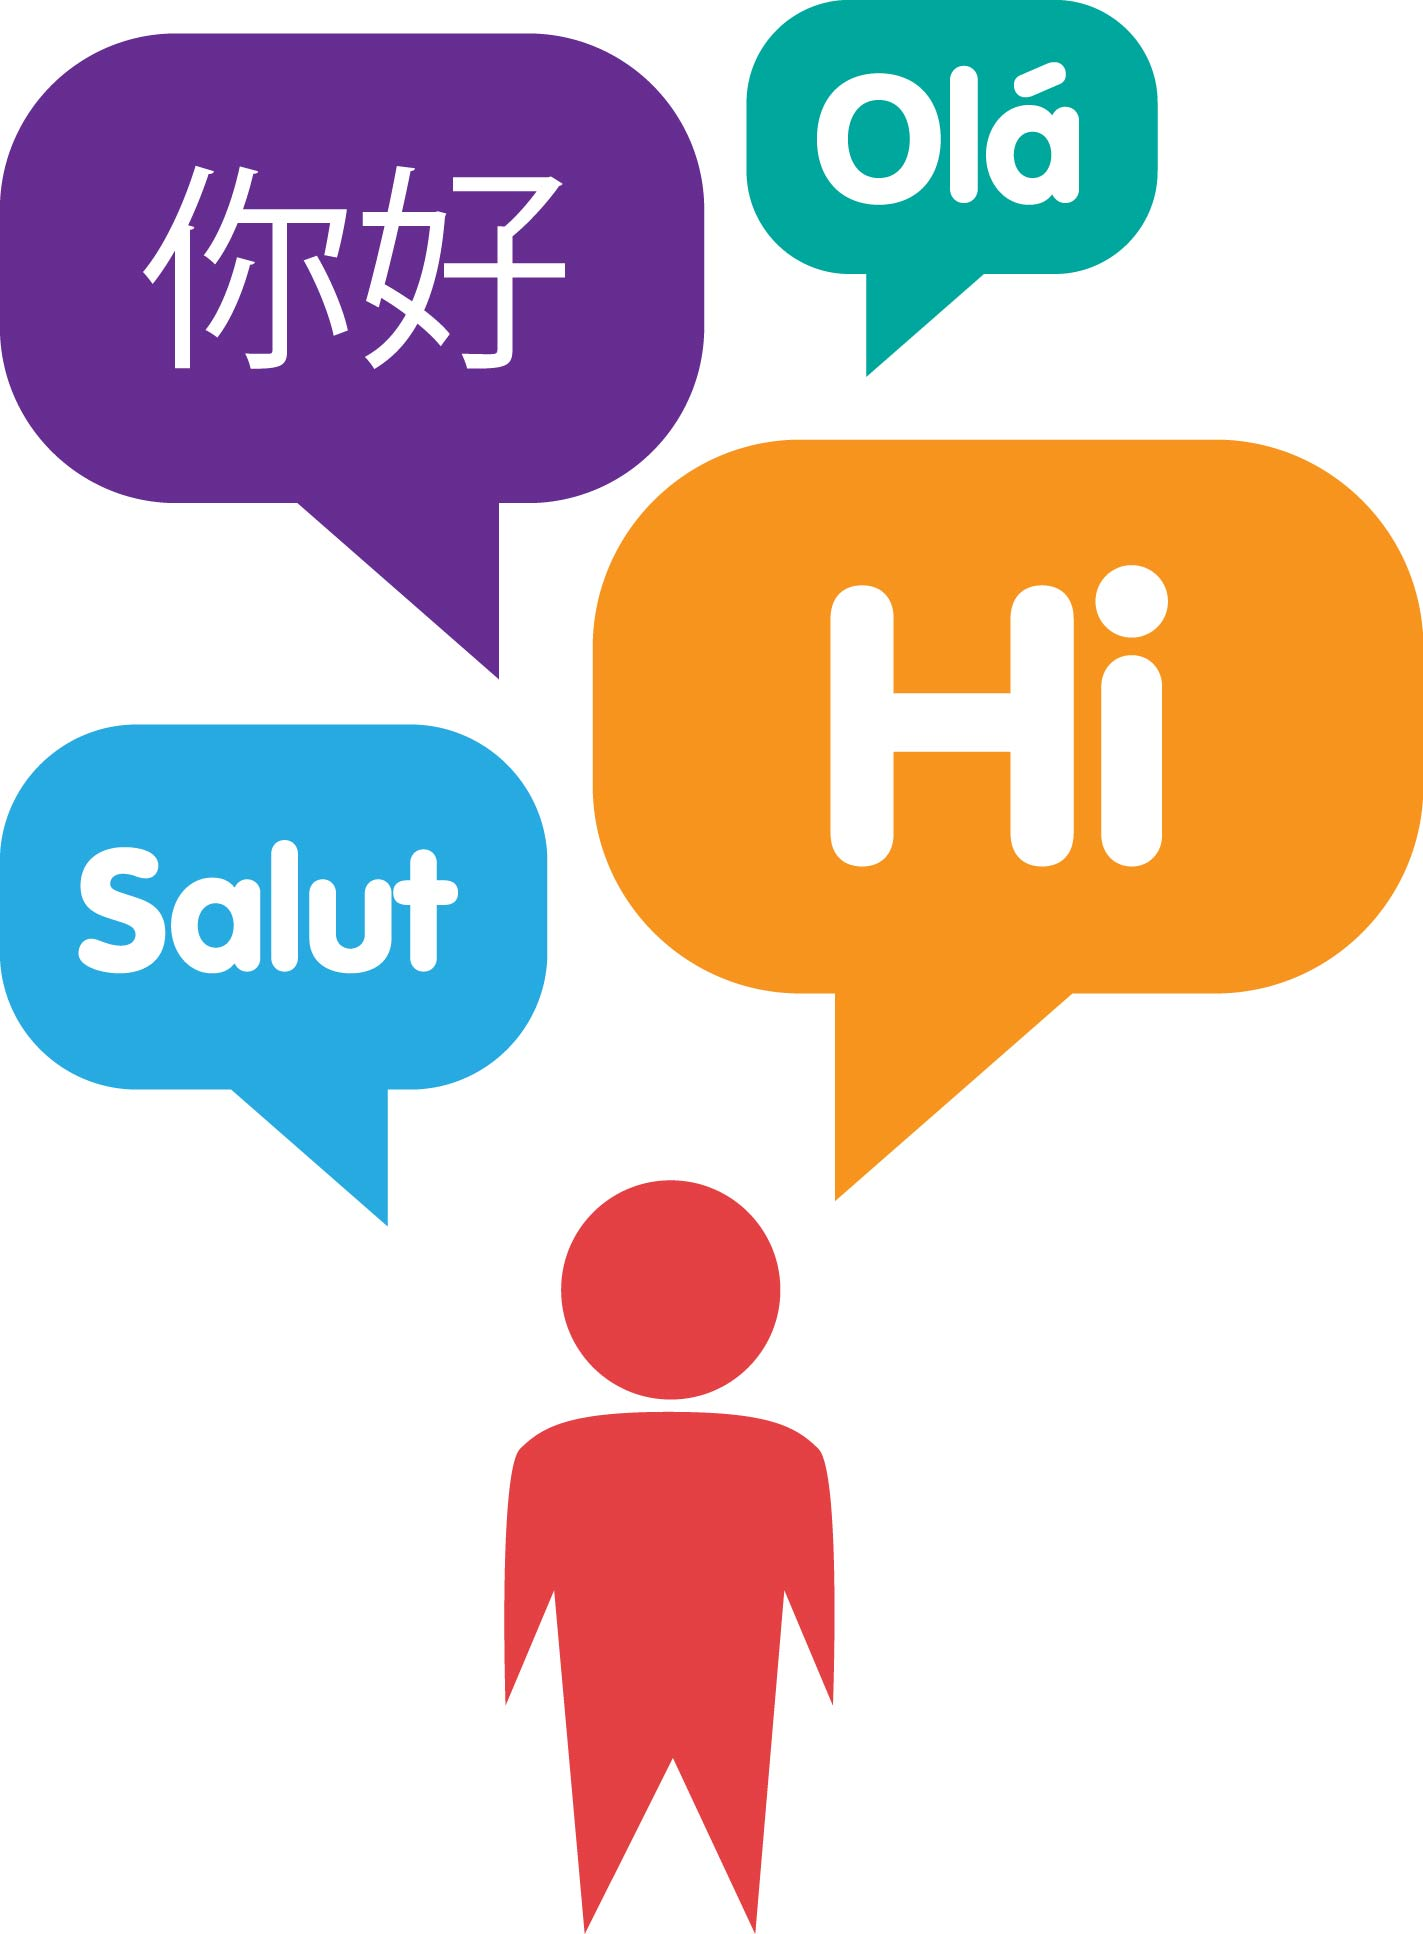 Languages Clipart.